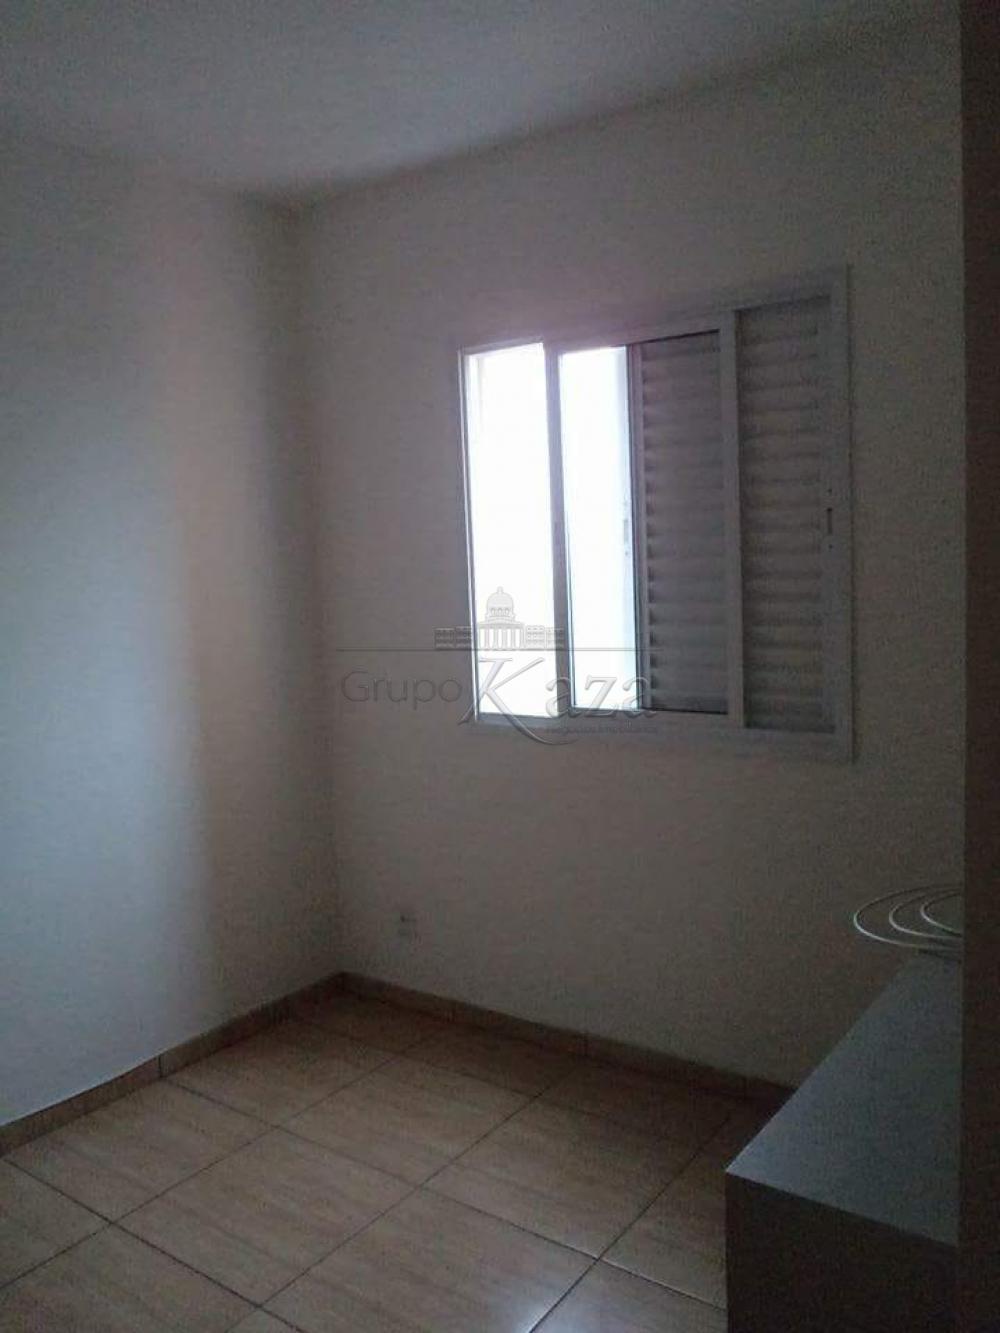 alt='Alugar Apartamento / Padrão em São José dos Campos R$ 1.250,00 - Foto 9' title='Alugar Apartamento / Padrão em São José dos Campos R$ 1.250,00 - Foto 9'